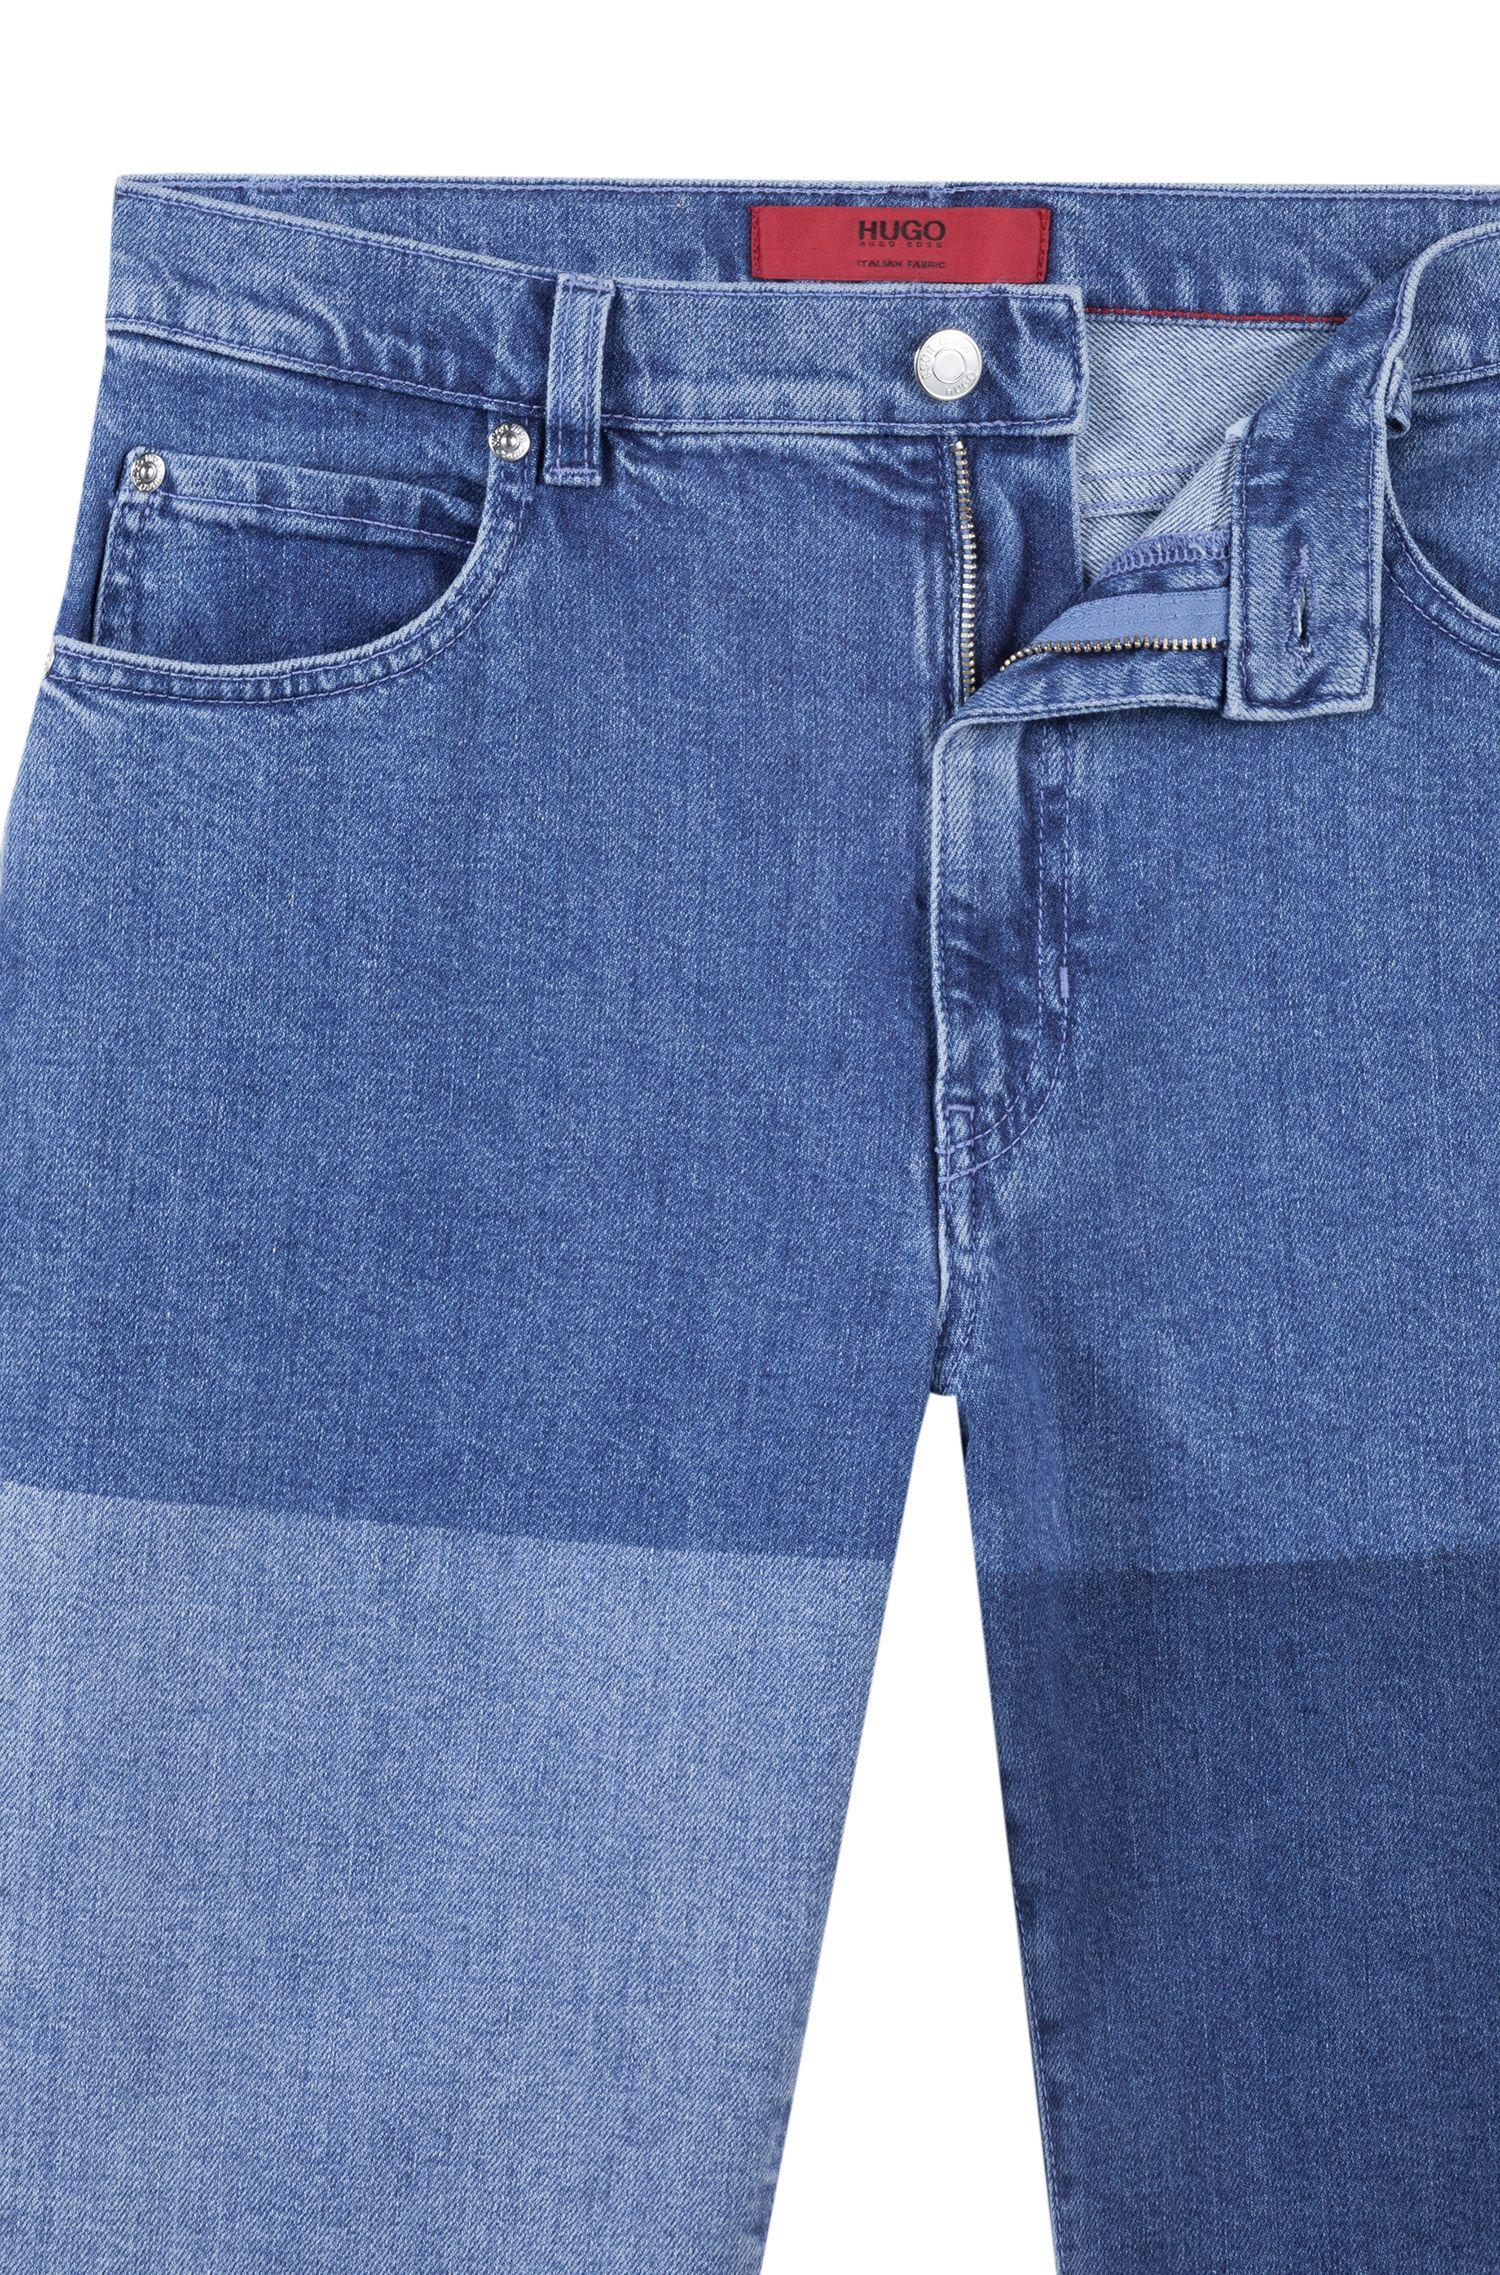 Kortere slim-fit jeans van Italiaans stretchdenim, Blauw